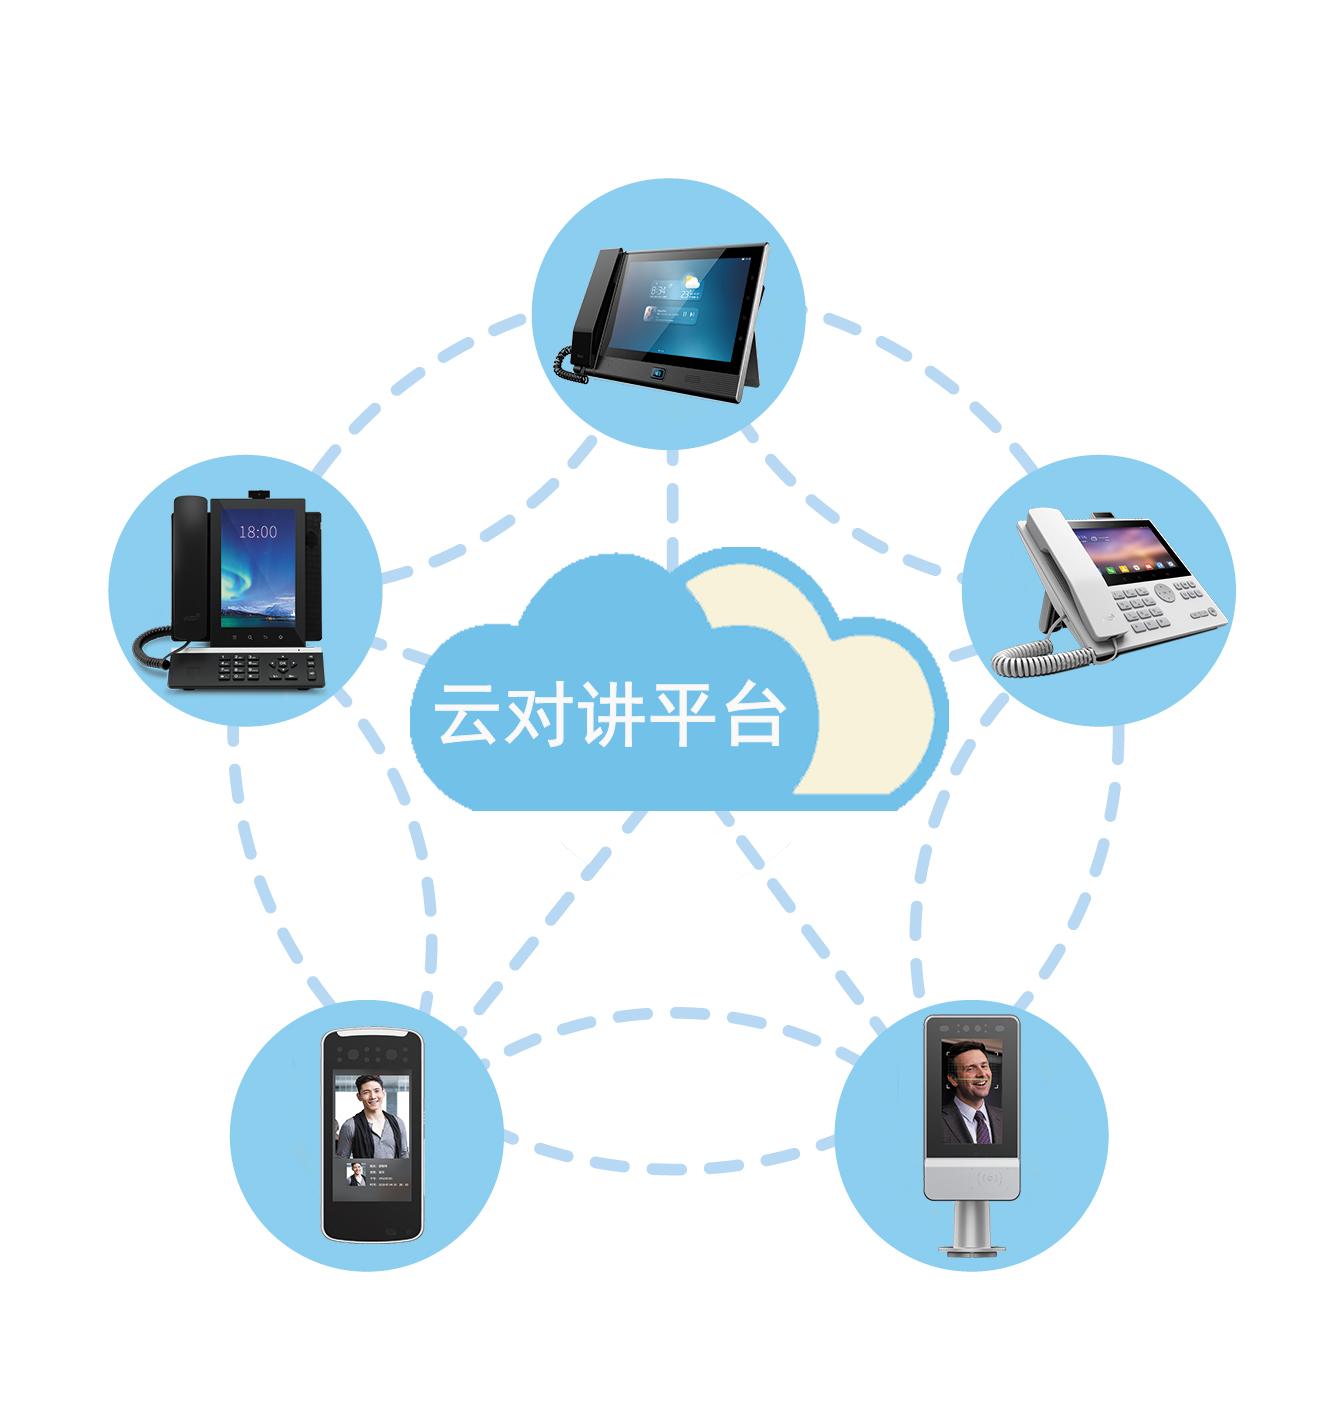 融合通信产品